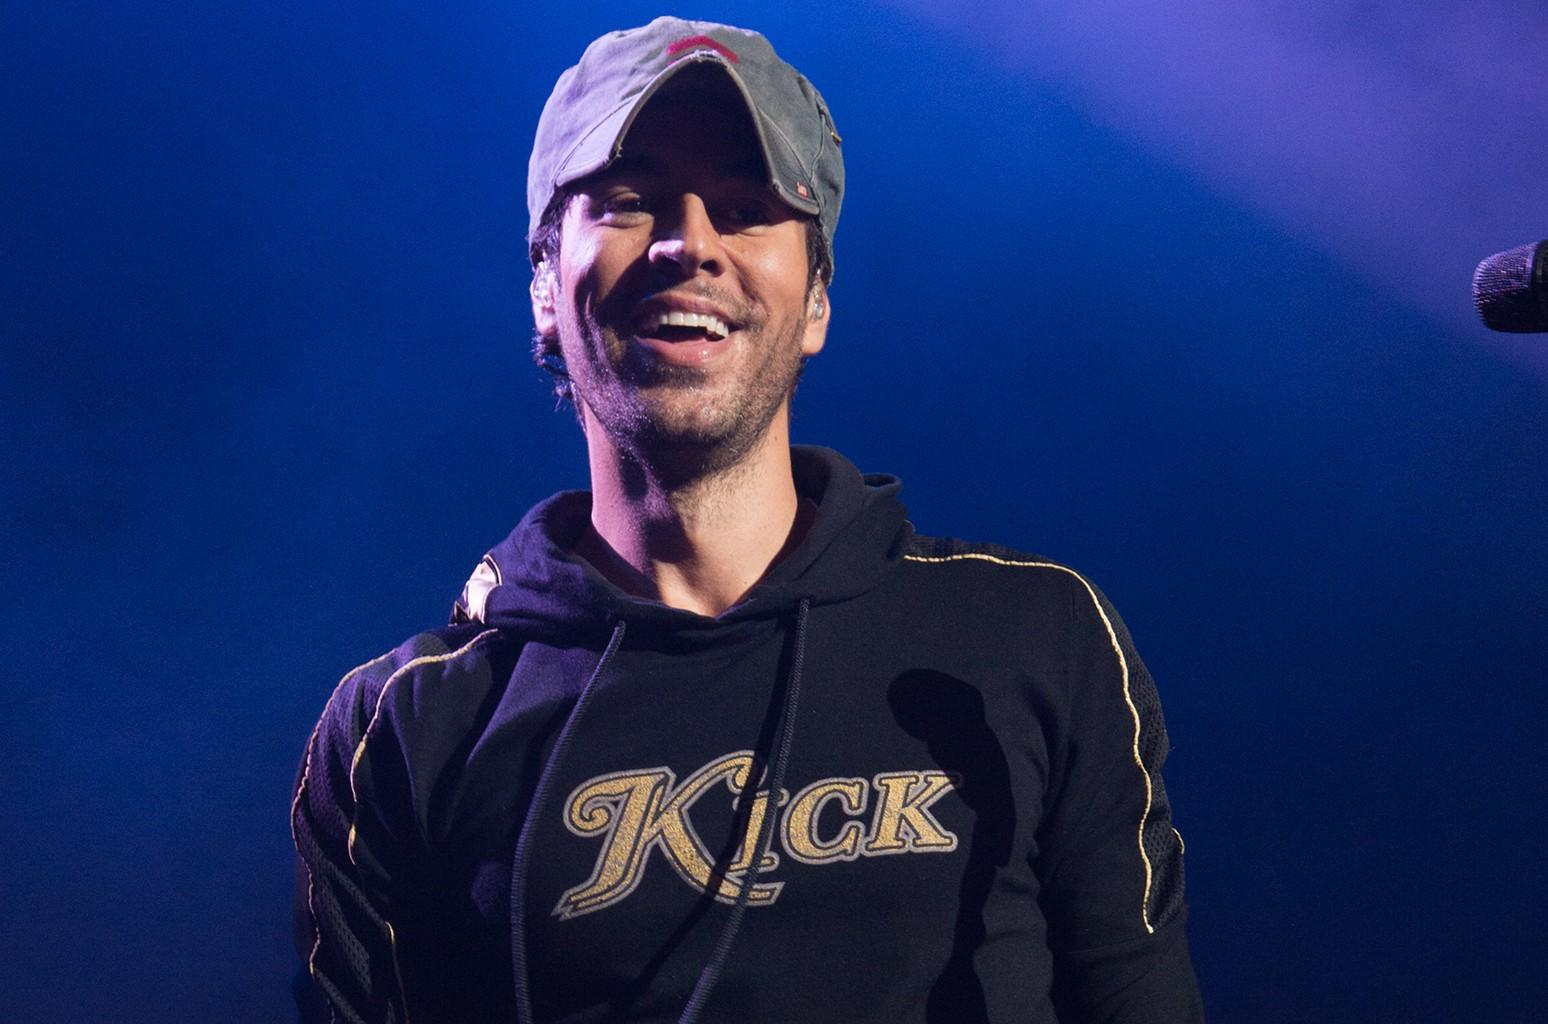 Enrique Iglesias performs at Nikon at Jones Beach Theater